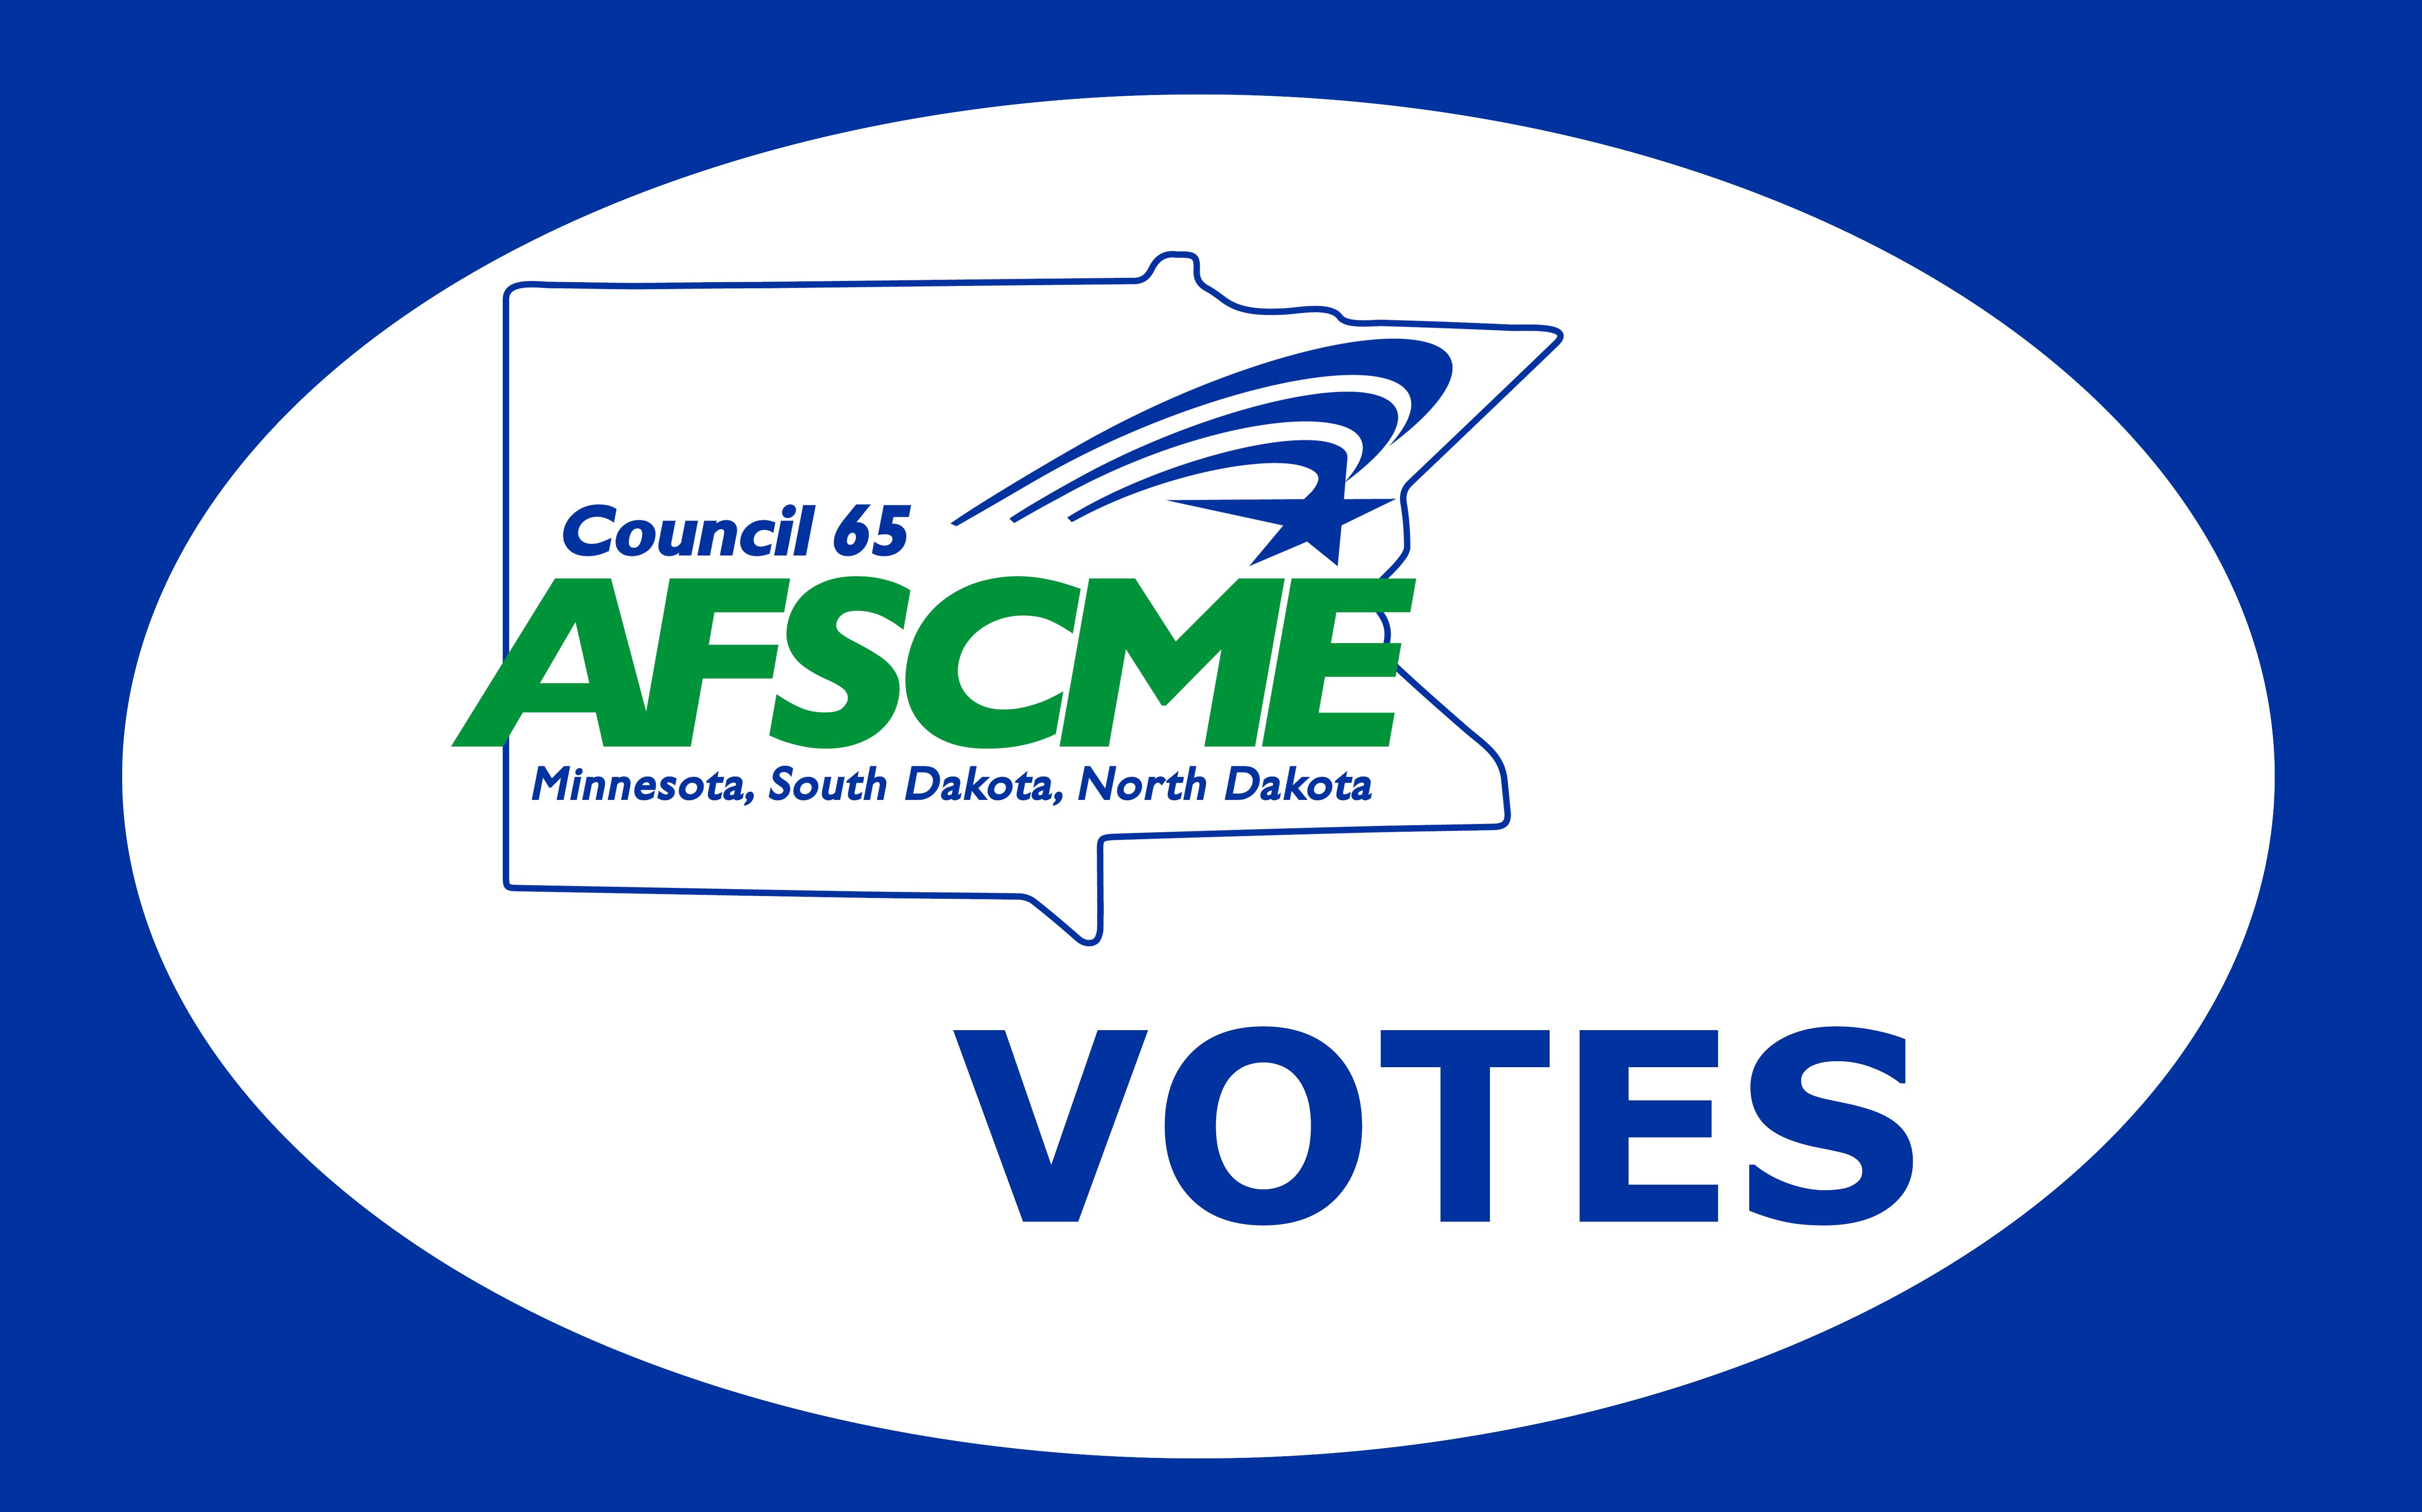 AFSCME 65 Votes